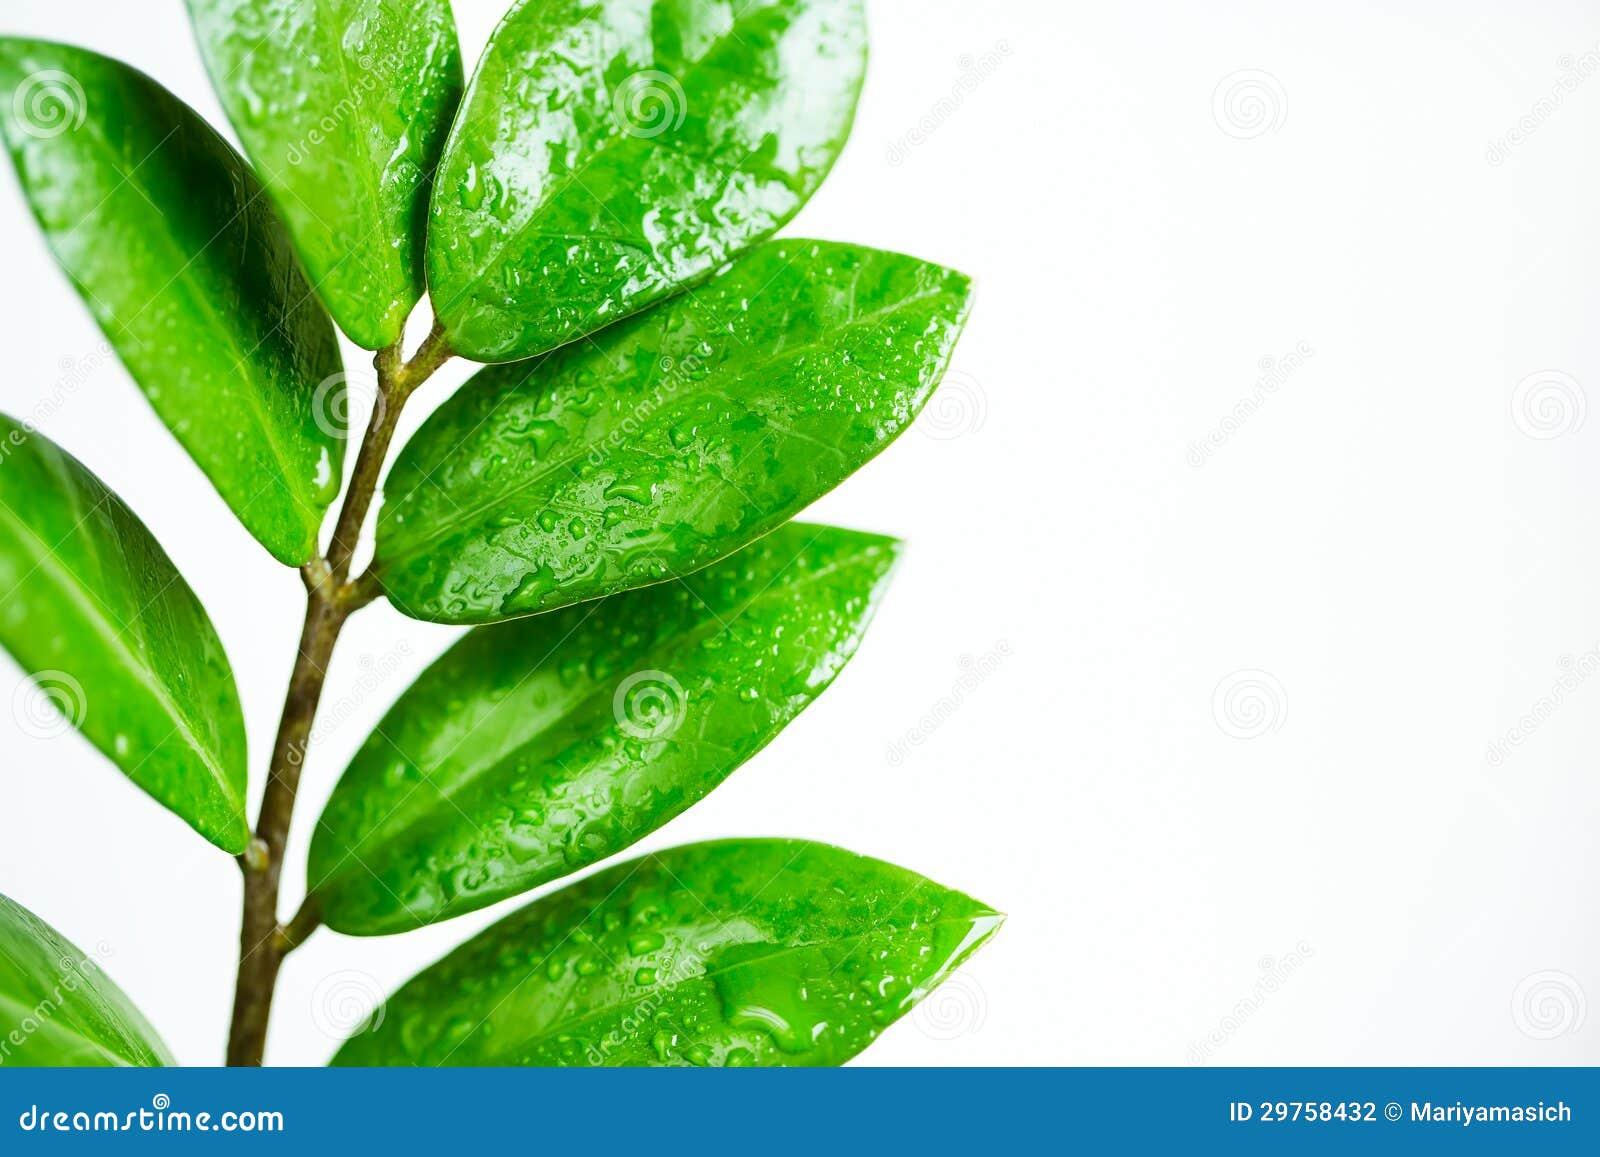 Rama De árbol Con Hojas Verdes Fotografía De Archivo